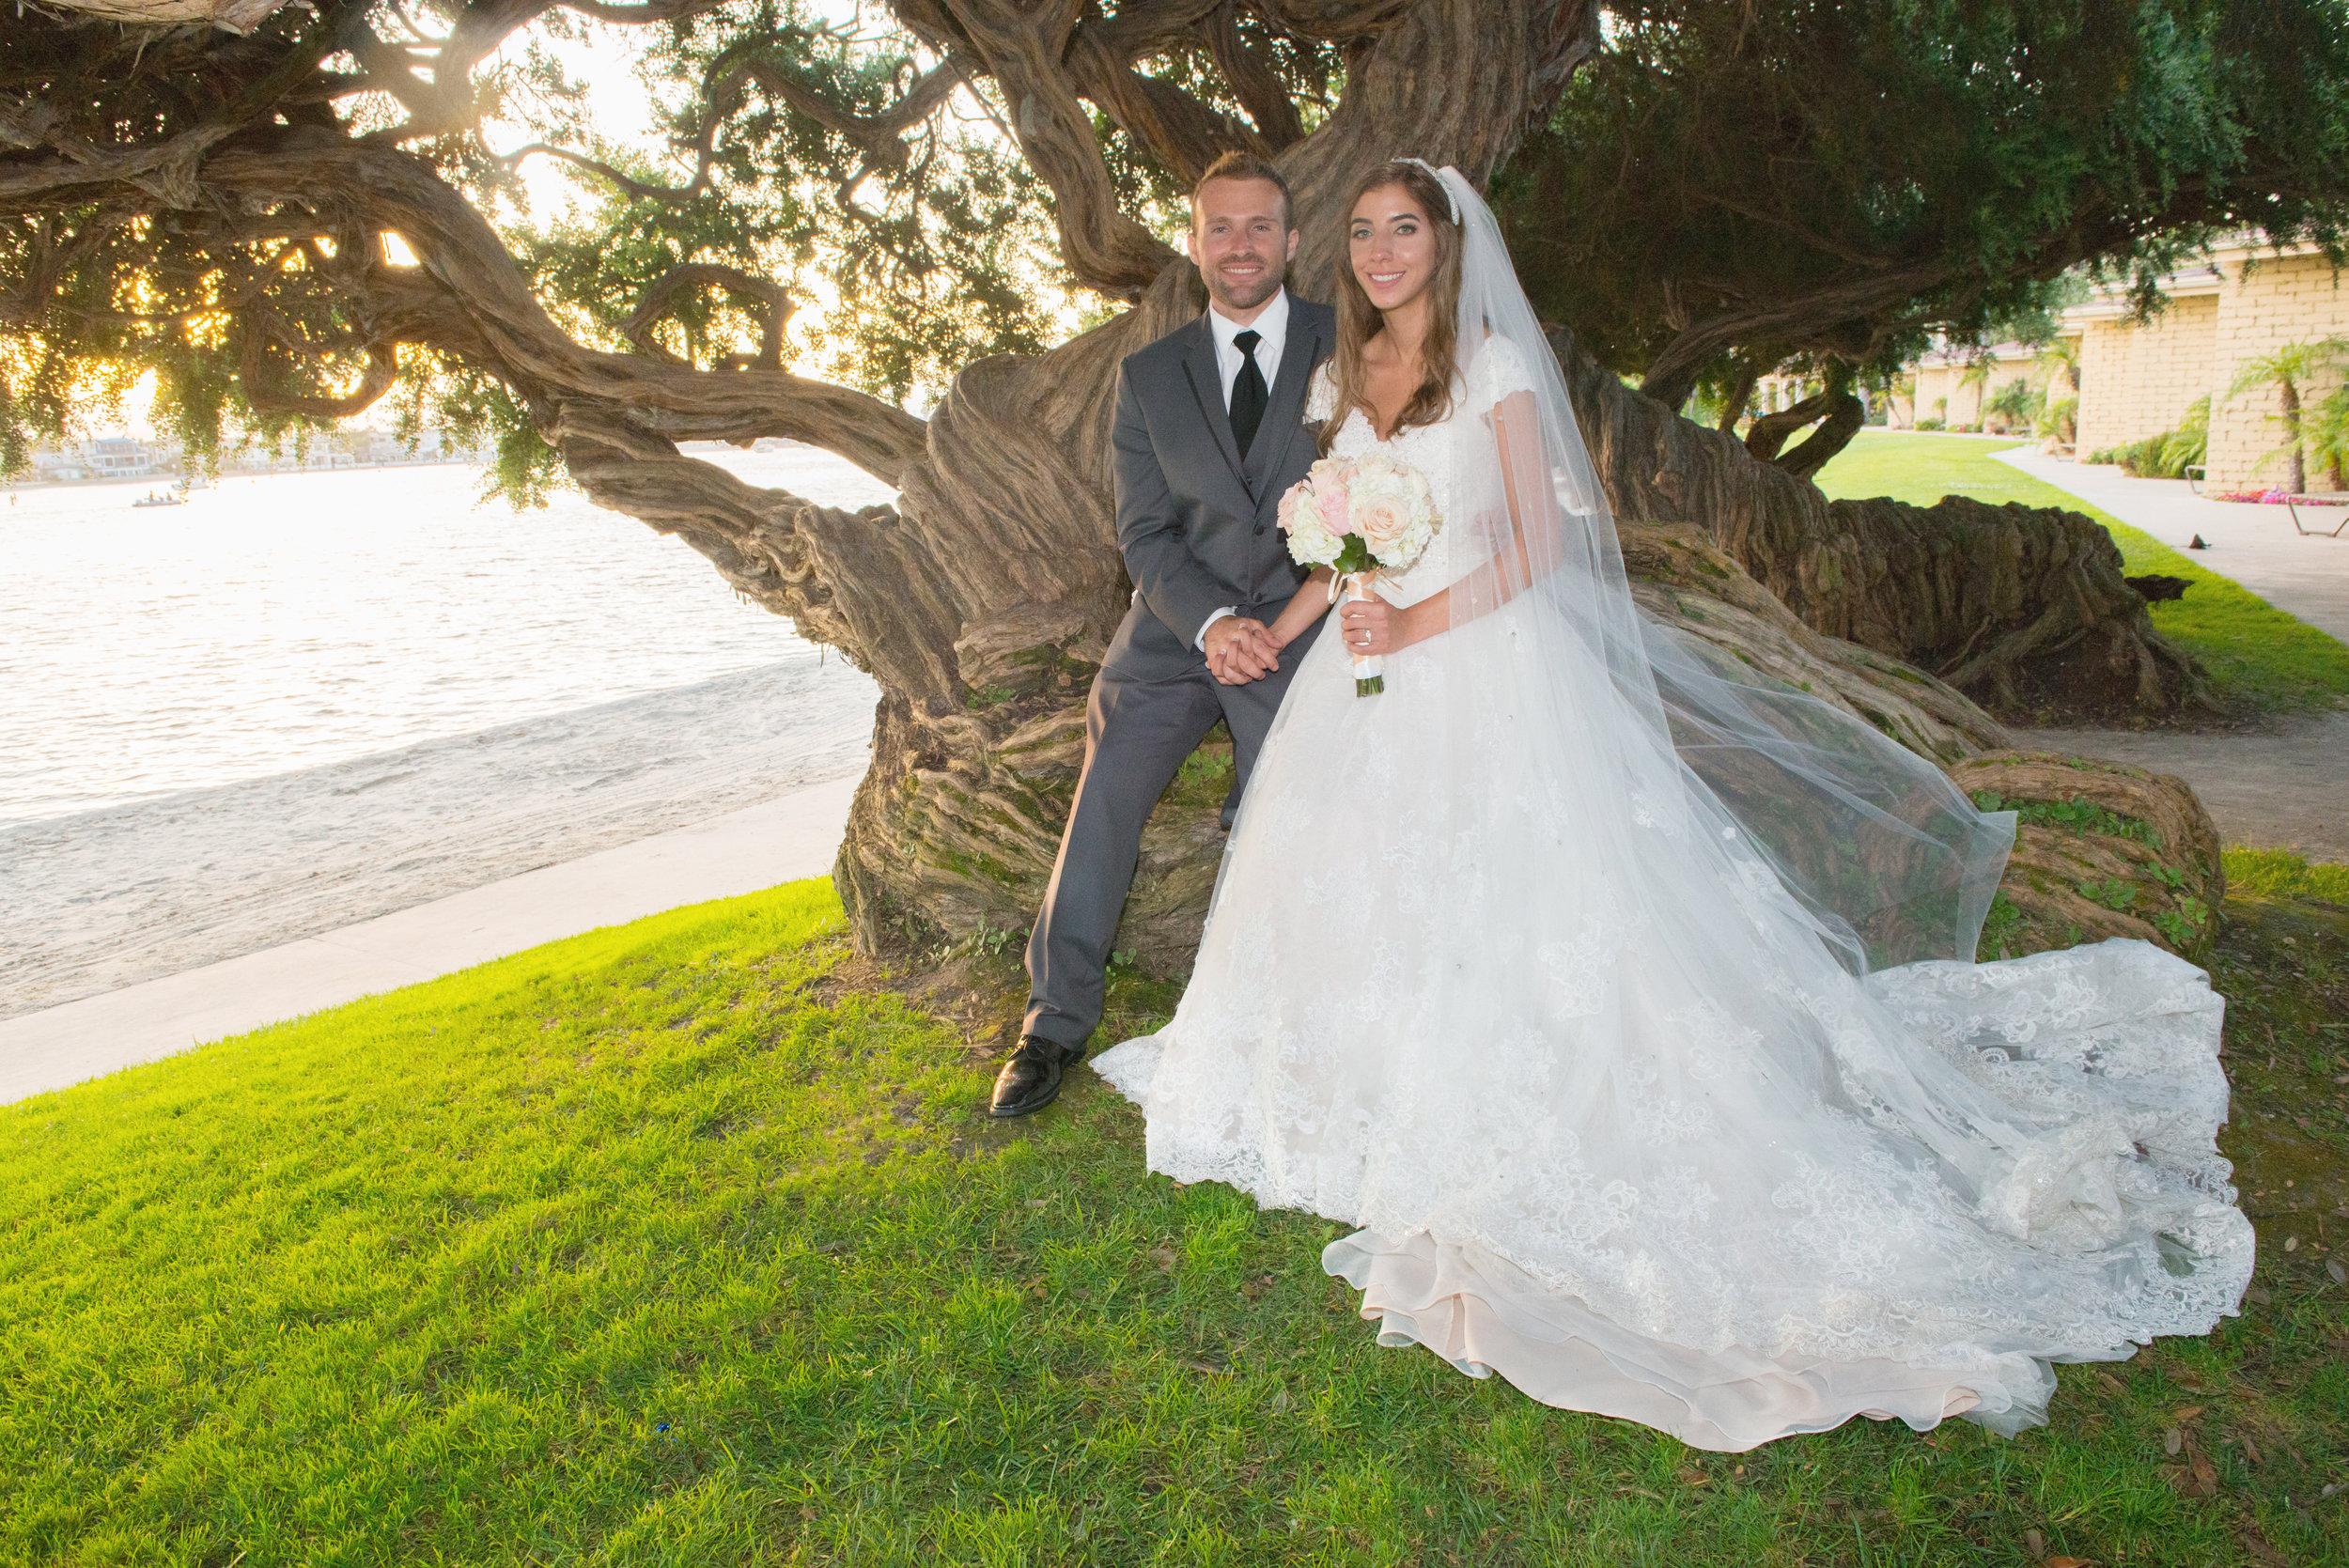 M&A_Wedding_Final_38.jpg